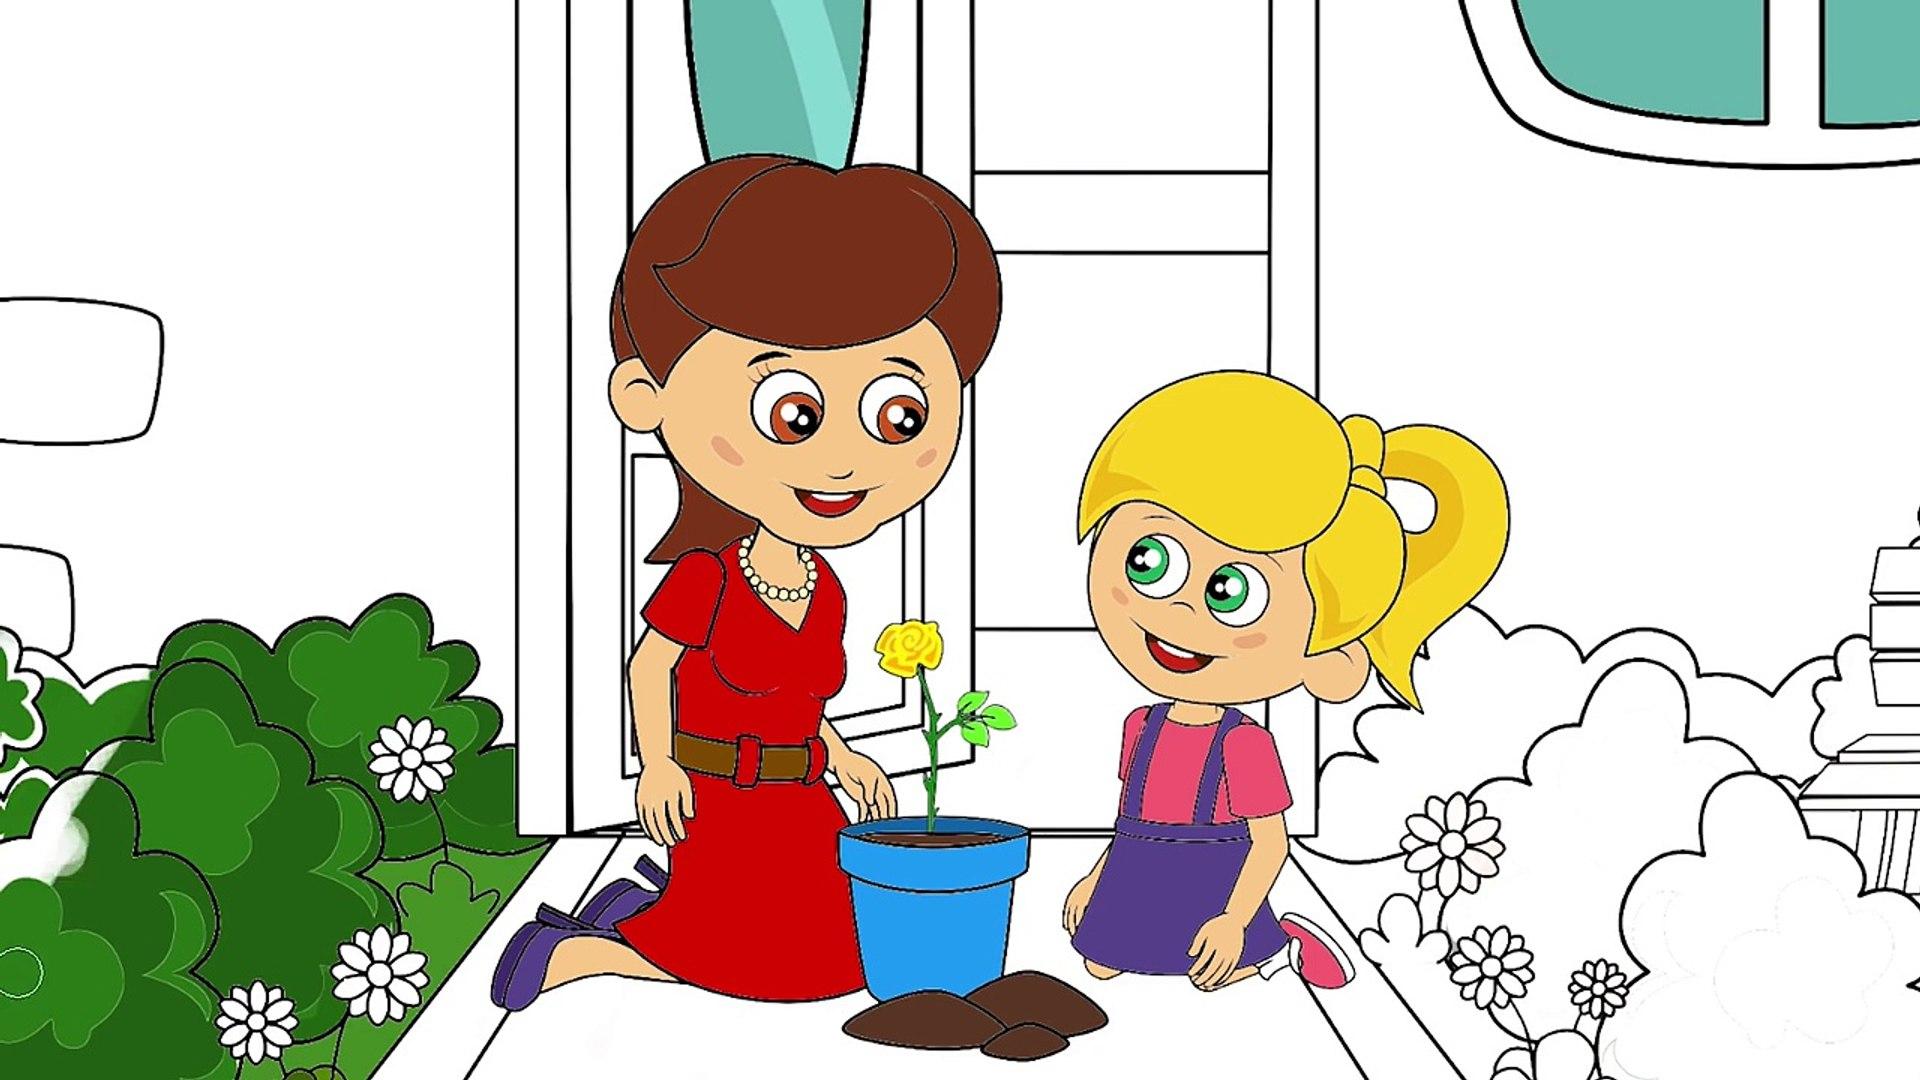 Sevimli Dostlar çizgi film karakter boyama sayfası 1,Çizgi film izle animasyon 2017